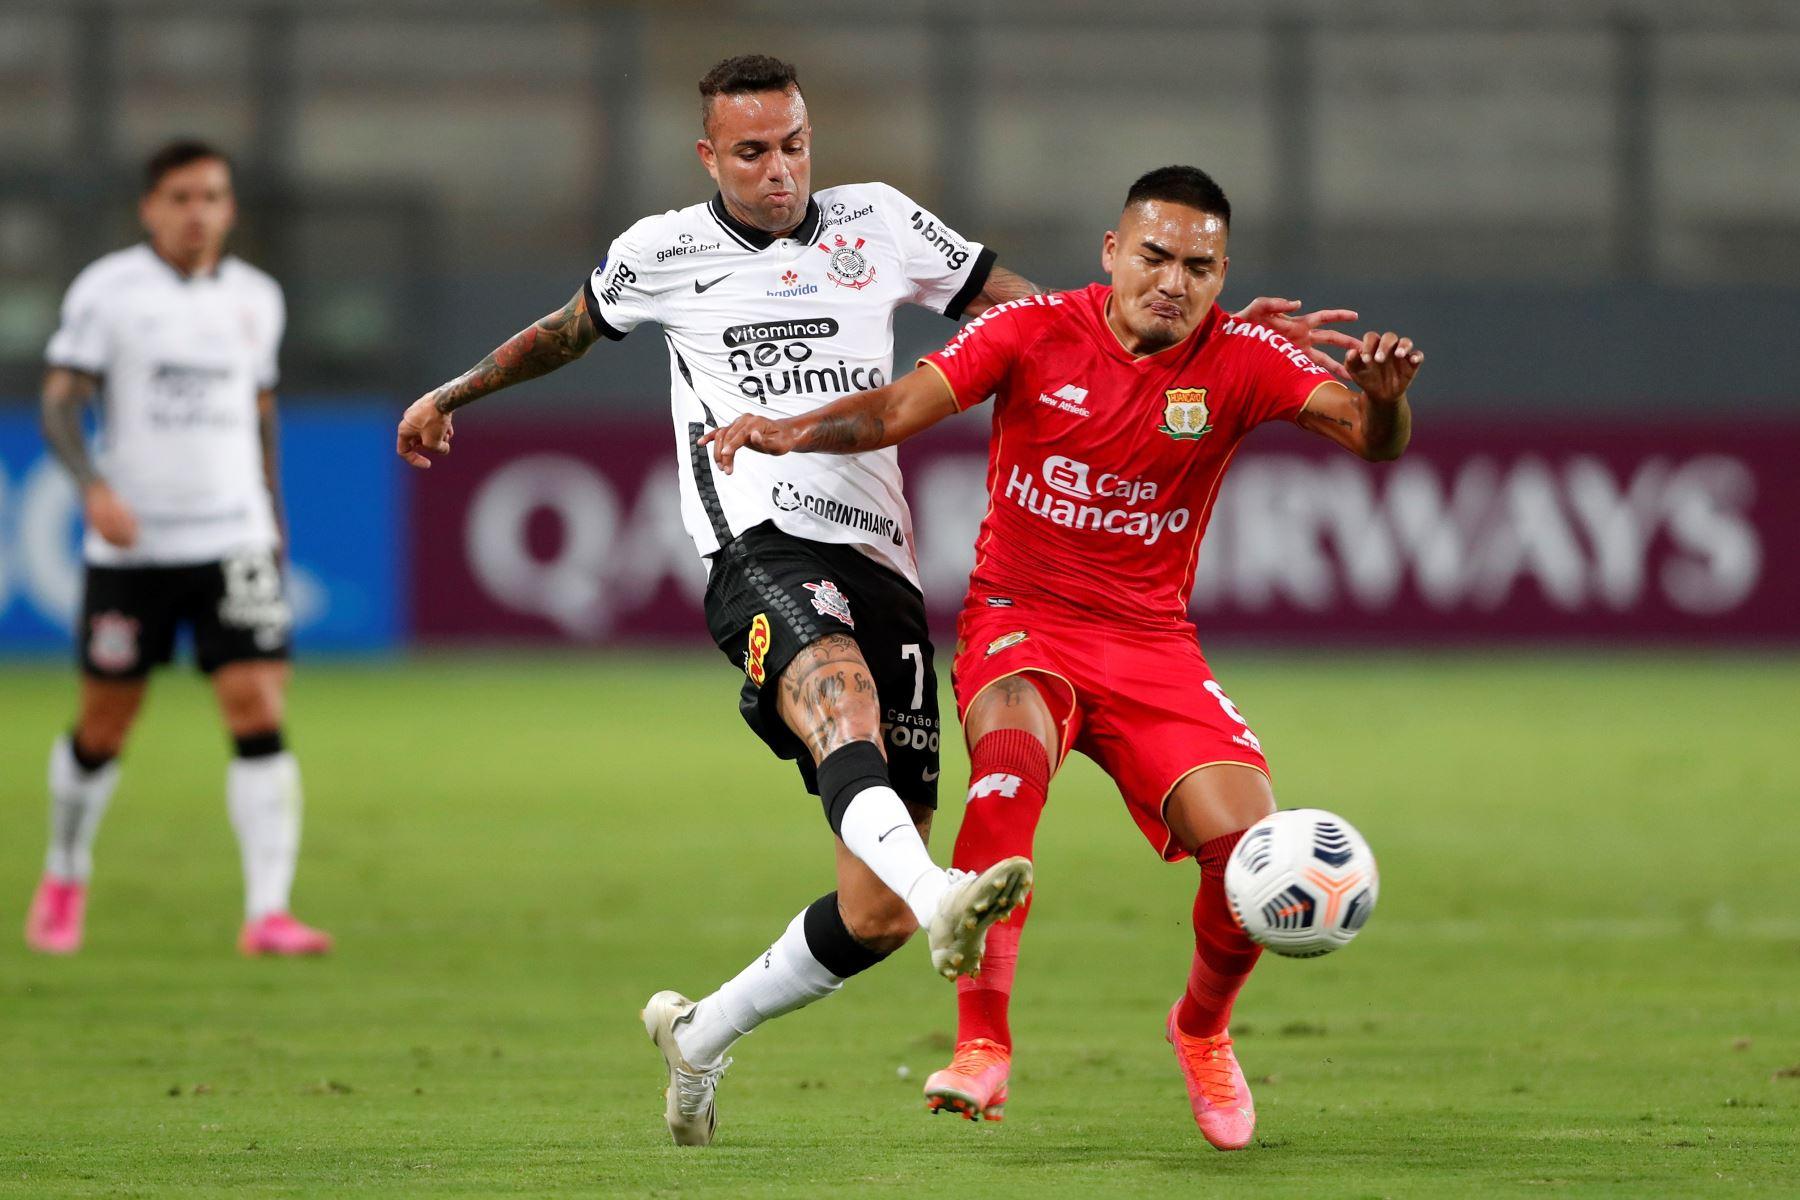 Moisés Velásquez de Sport Huancayo disputa un balón con Luan de Jesús de Corinthians durante partido por la Copa Sudamericana, en el Estadio Nacional. Foto: EFE